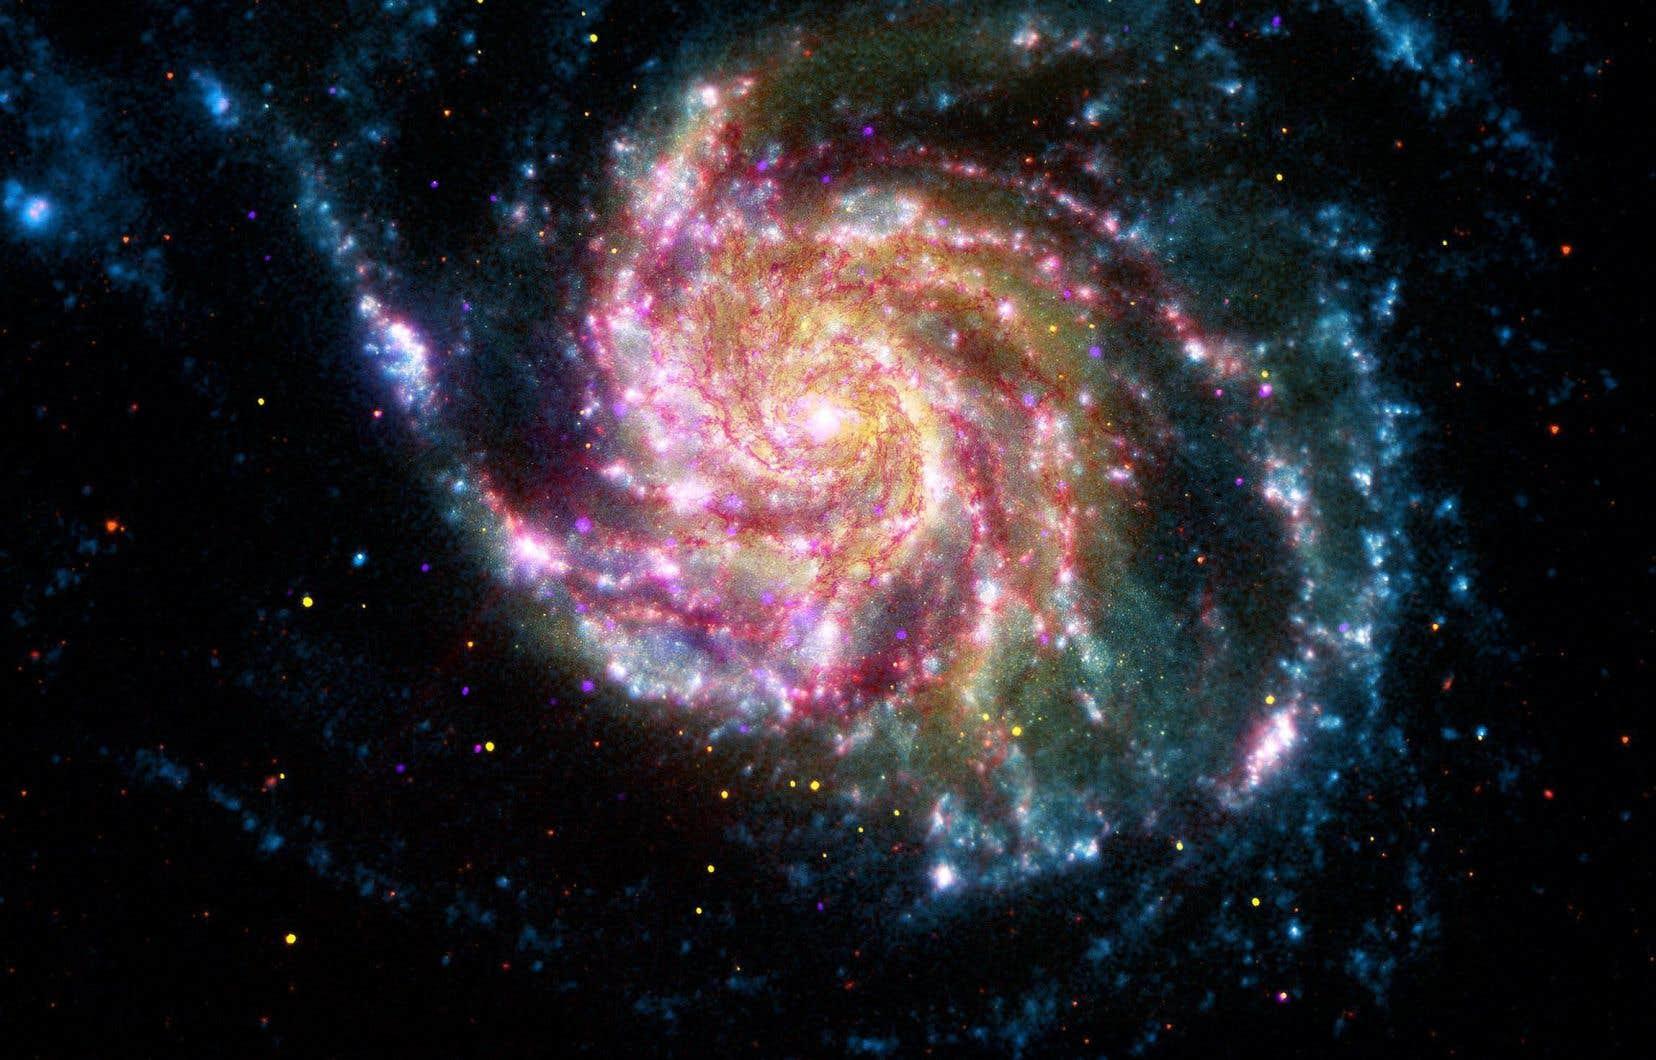 Lorsque des chercheurs se sont aperçus que les étoiles tournaient autour du centre de leur galaxie plus vite que ce que prédisaient leur masse et la loi de la gravitation, ils ont compris qu'il devait y avoir une autre forme de matière invisible qui maintient la cohésion de l'ensemble des étoiles de la galaxie. Et ils ont nommé cette autre forme de matière invisible: matière noire ou matière sombre.